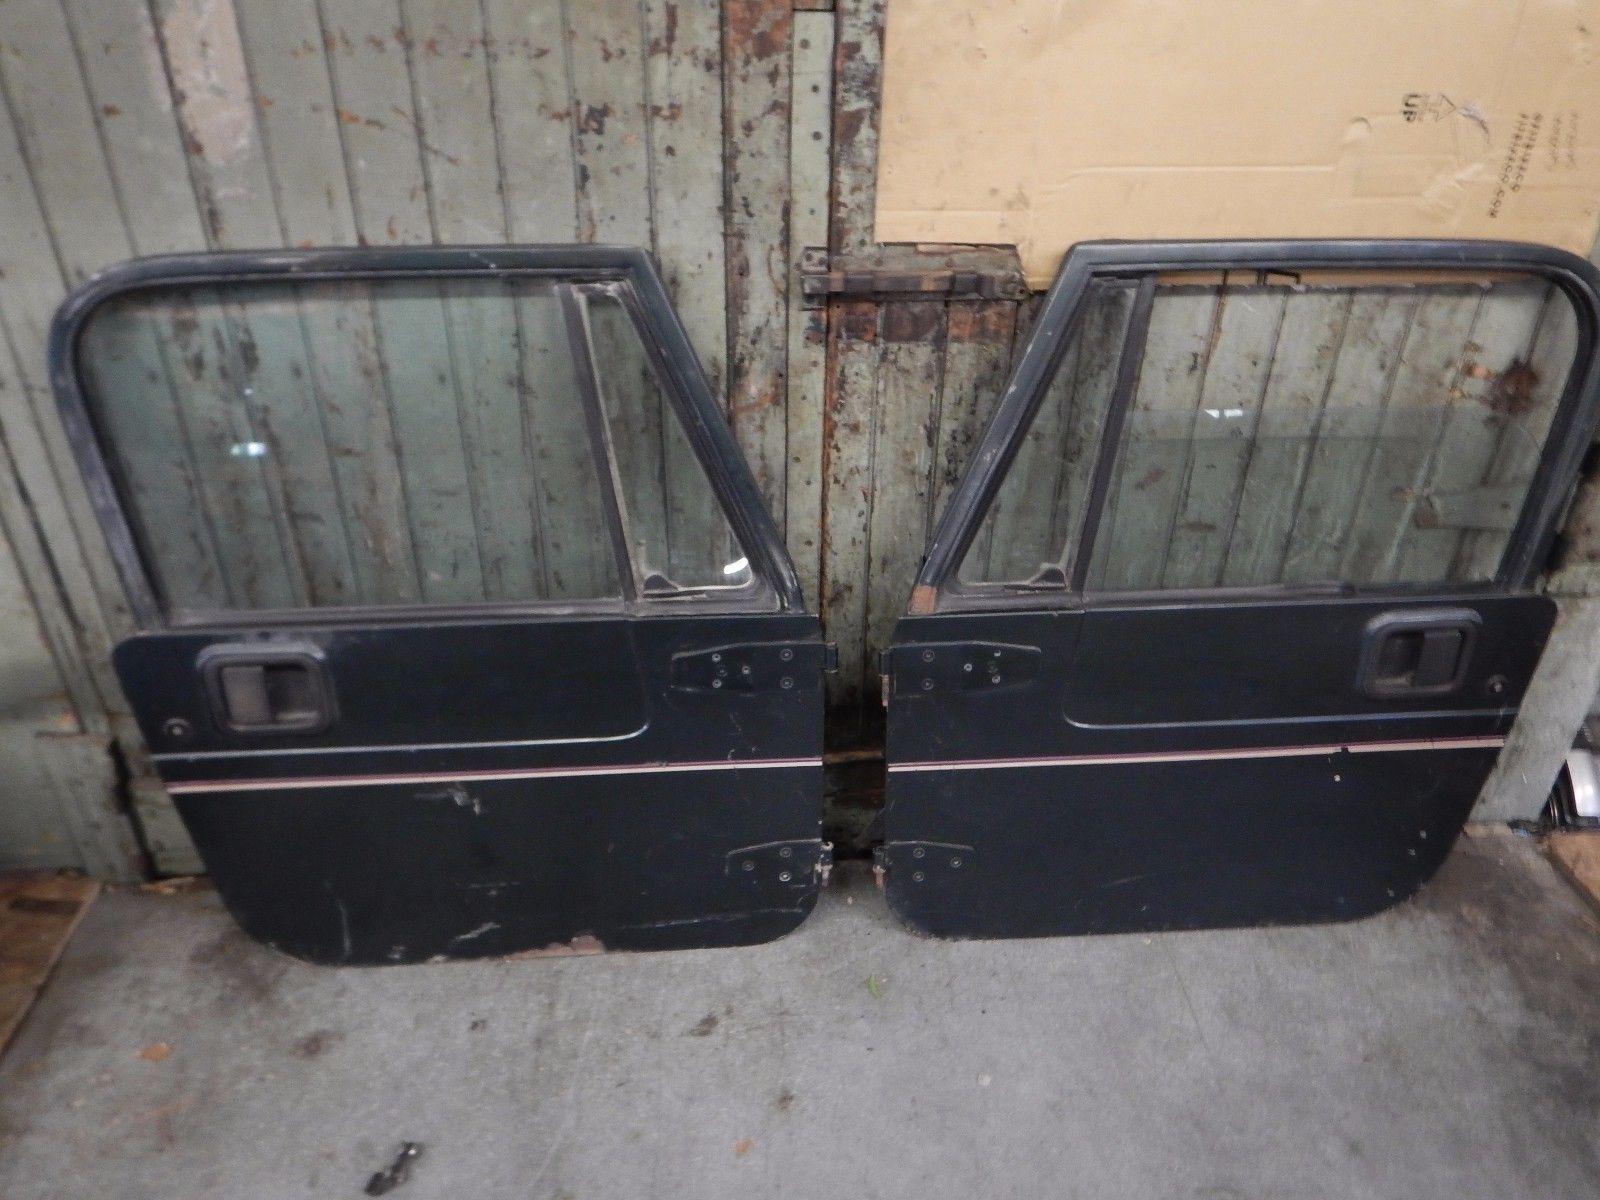 Jeep Wrangler Yj Cj 76 95 Full Hard Doors Door Set Grey W Stripe Free Ship Jeep Wrangler Yj Jeep Yj Jeep